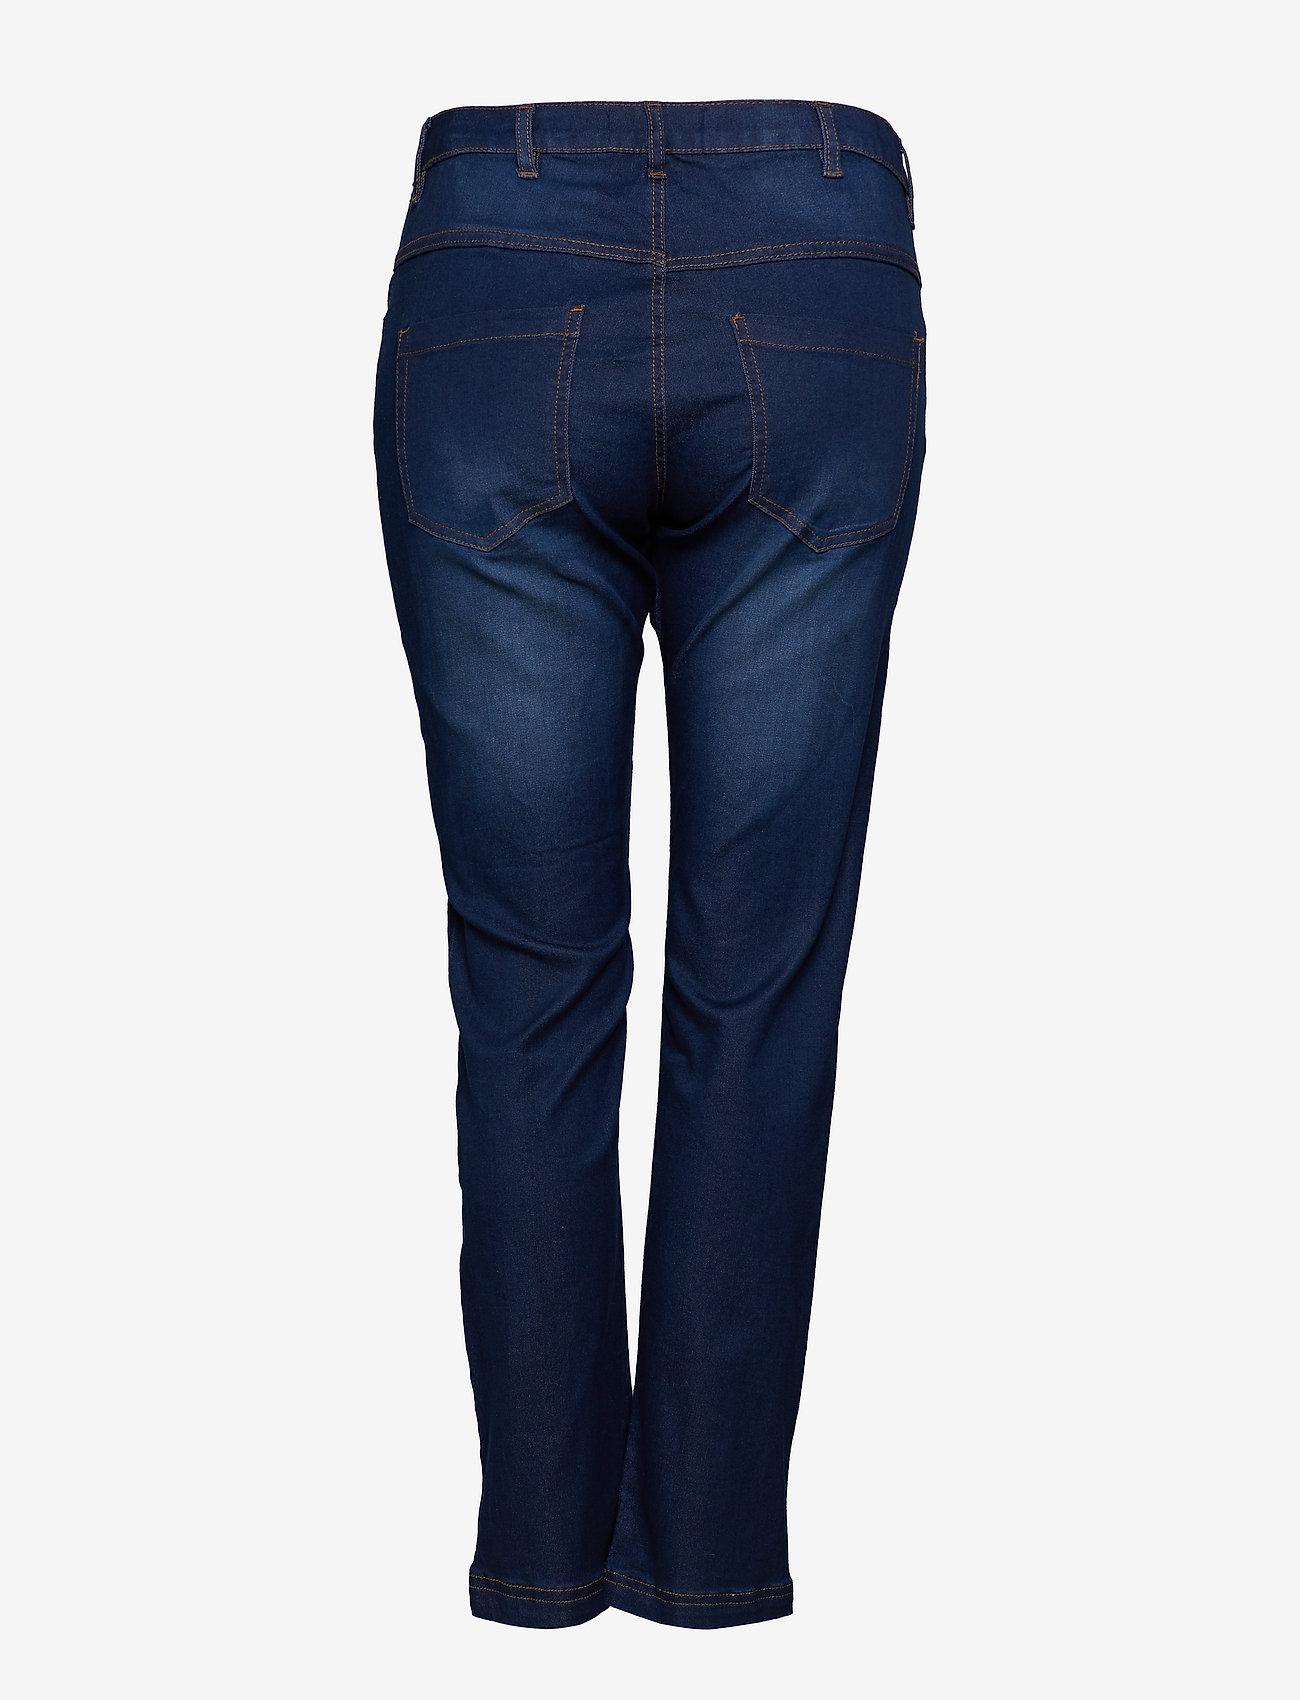 Zizzi Jeans, Long, EMILY, slim fit - Dżinsy BLUE - Kobiety Odzież.